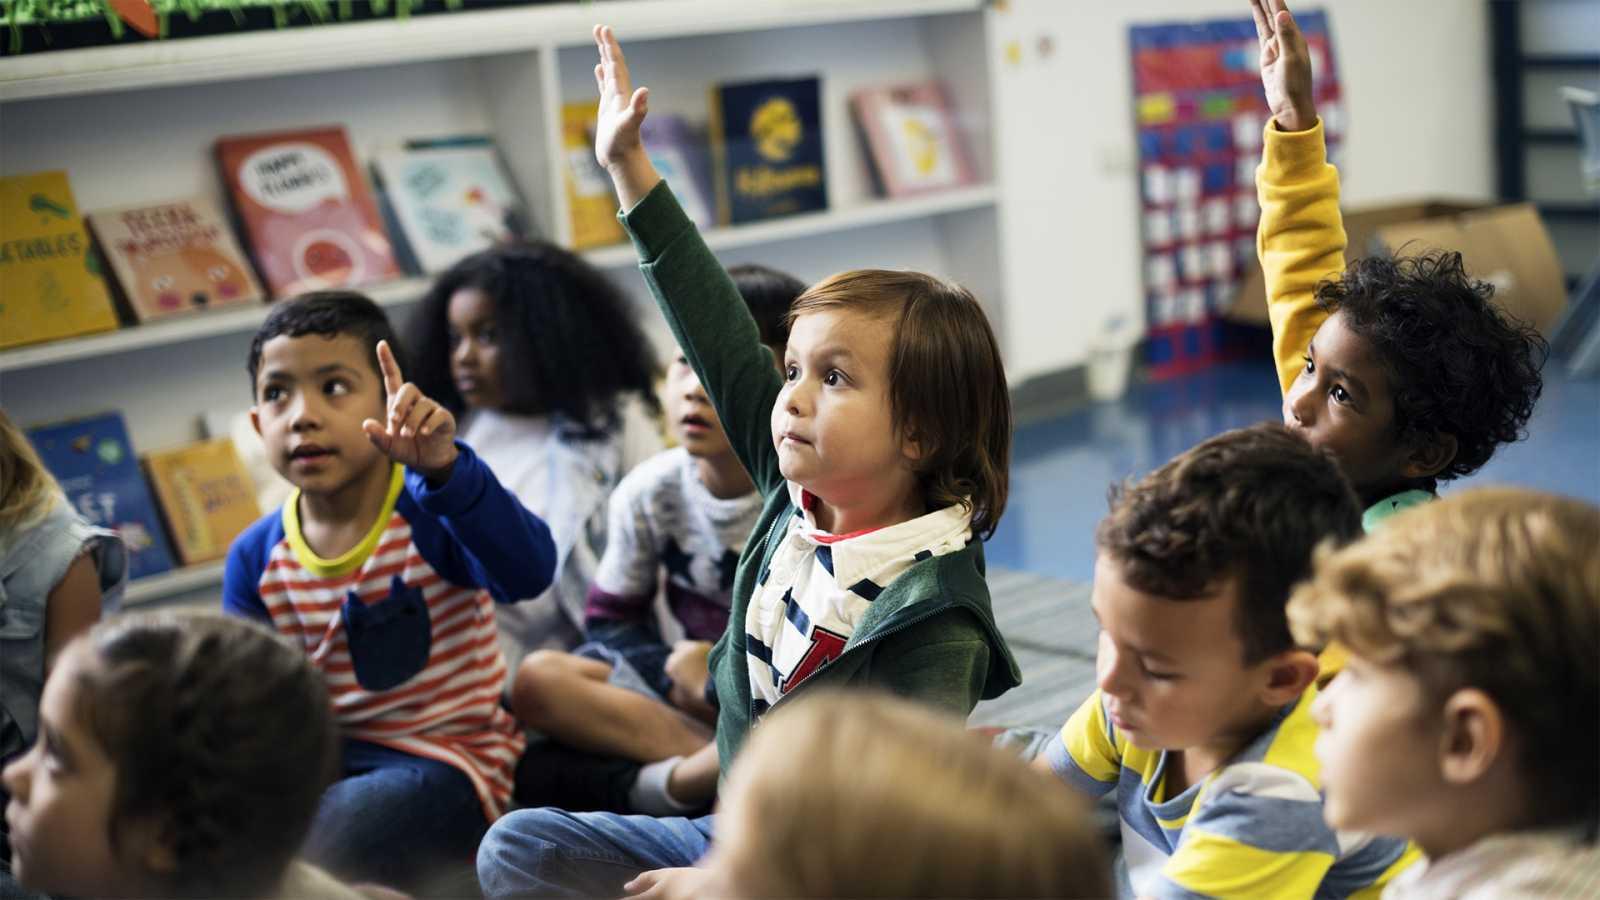 Espacio iberoamericano - Todos a la escuela, y desde pequeñitos - 10/03/20 - Escuchar ahora